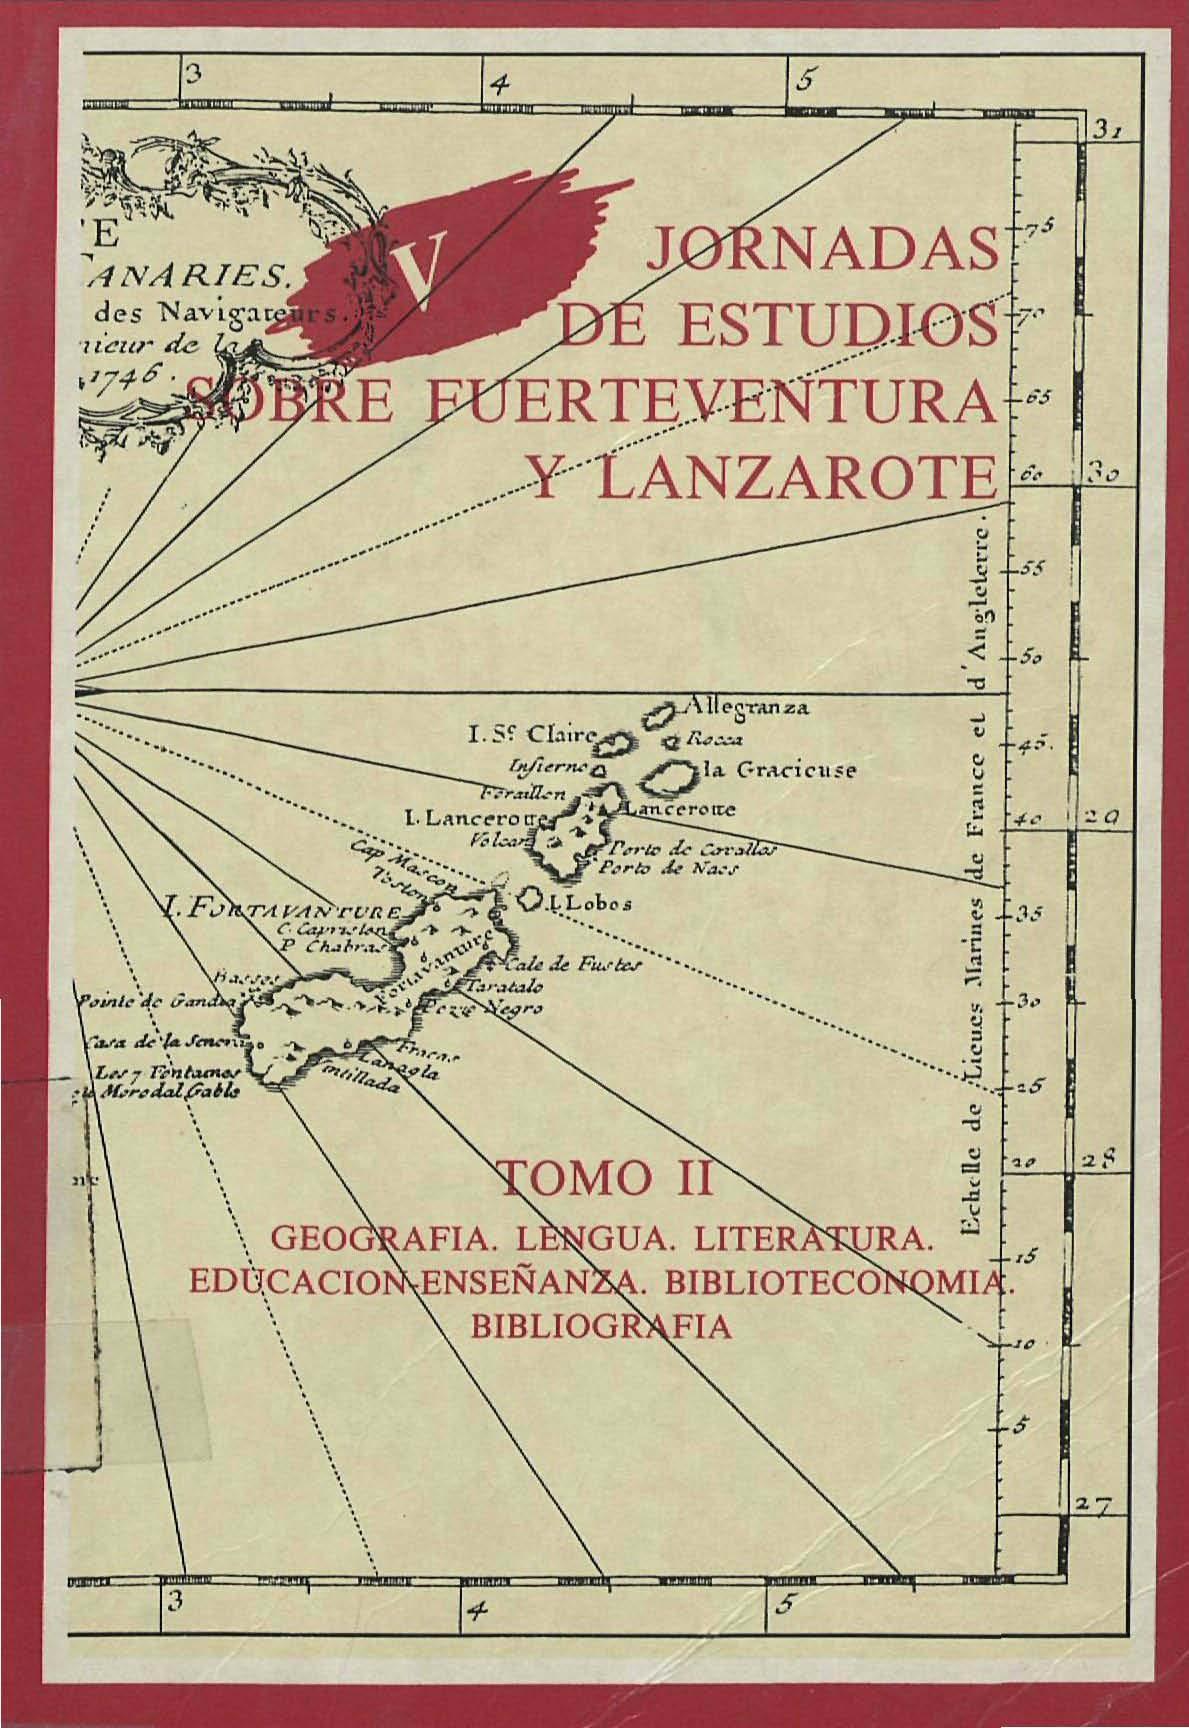 Precipitaciones máximas en Lanzarote: régimen de intensidades y frecuencias